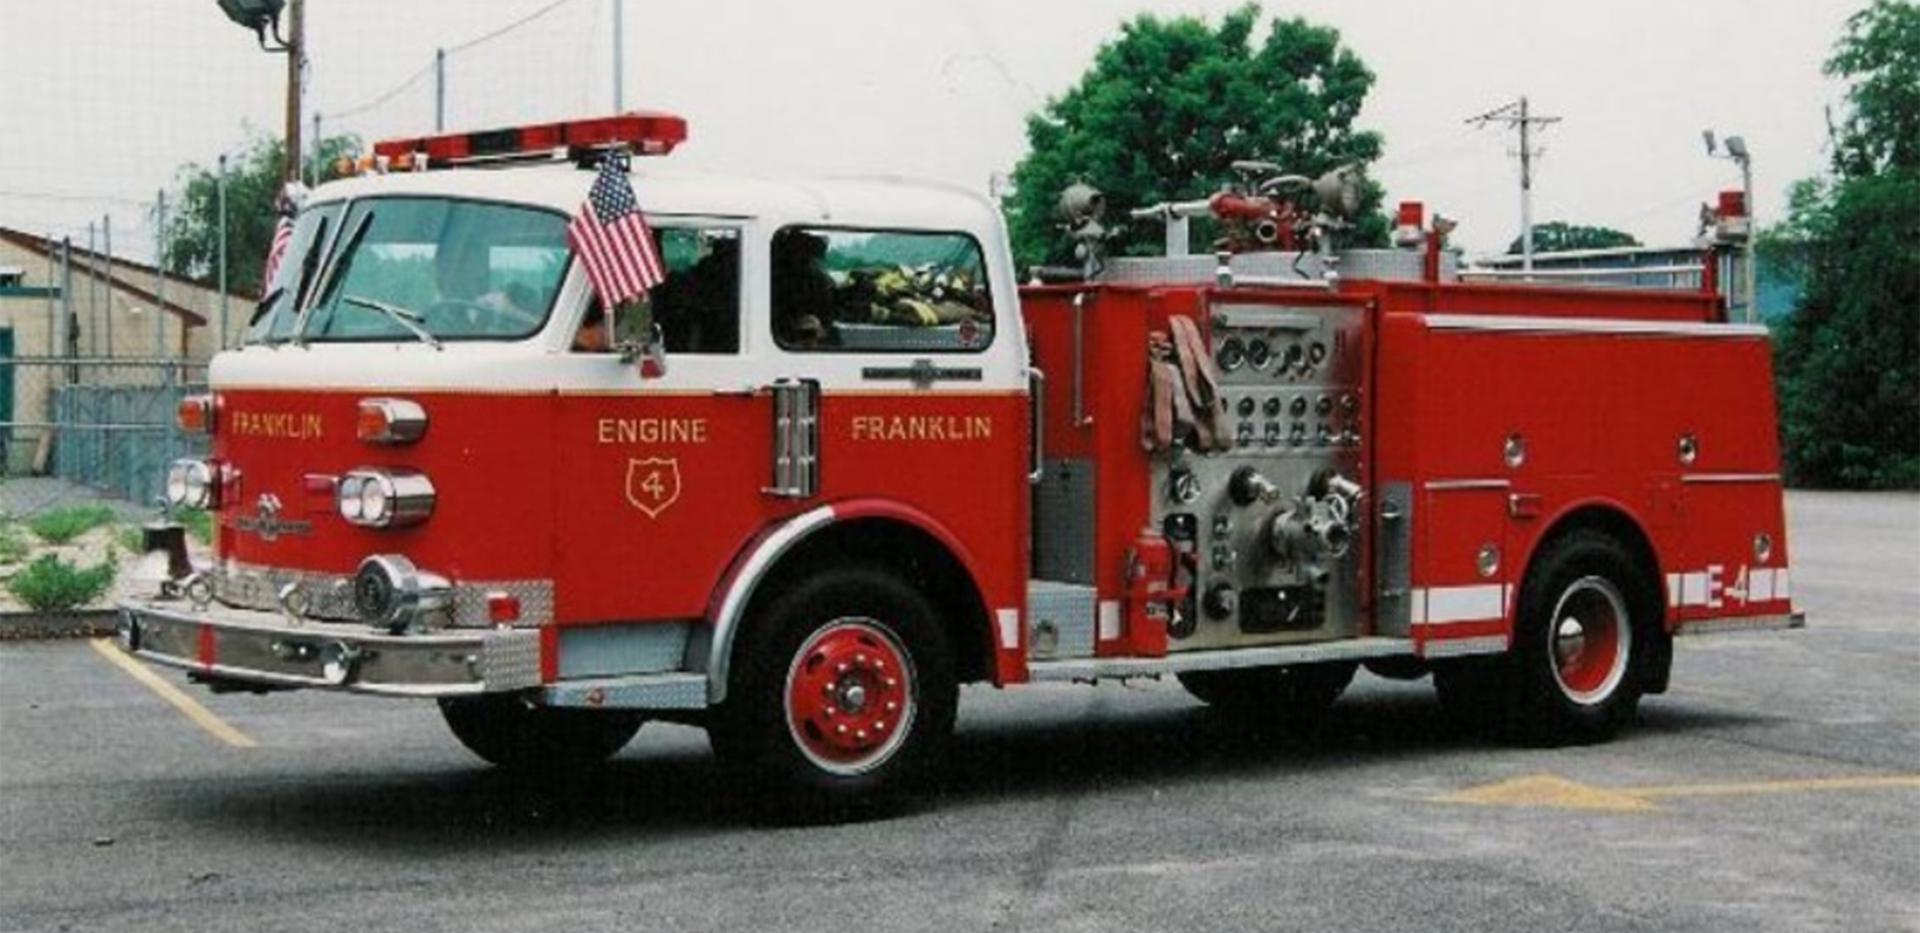 Franklin Engine 4 - 4.png